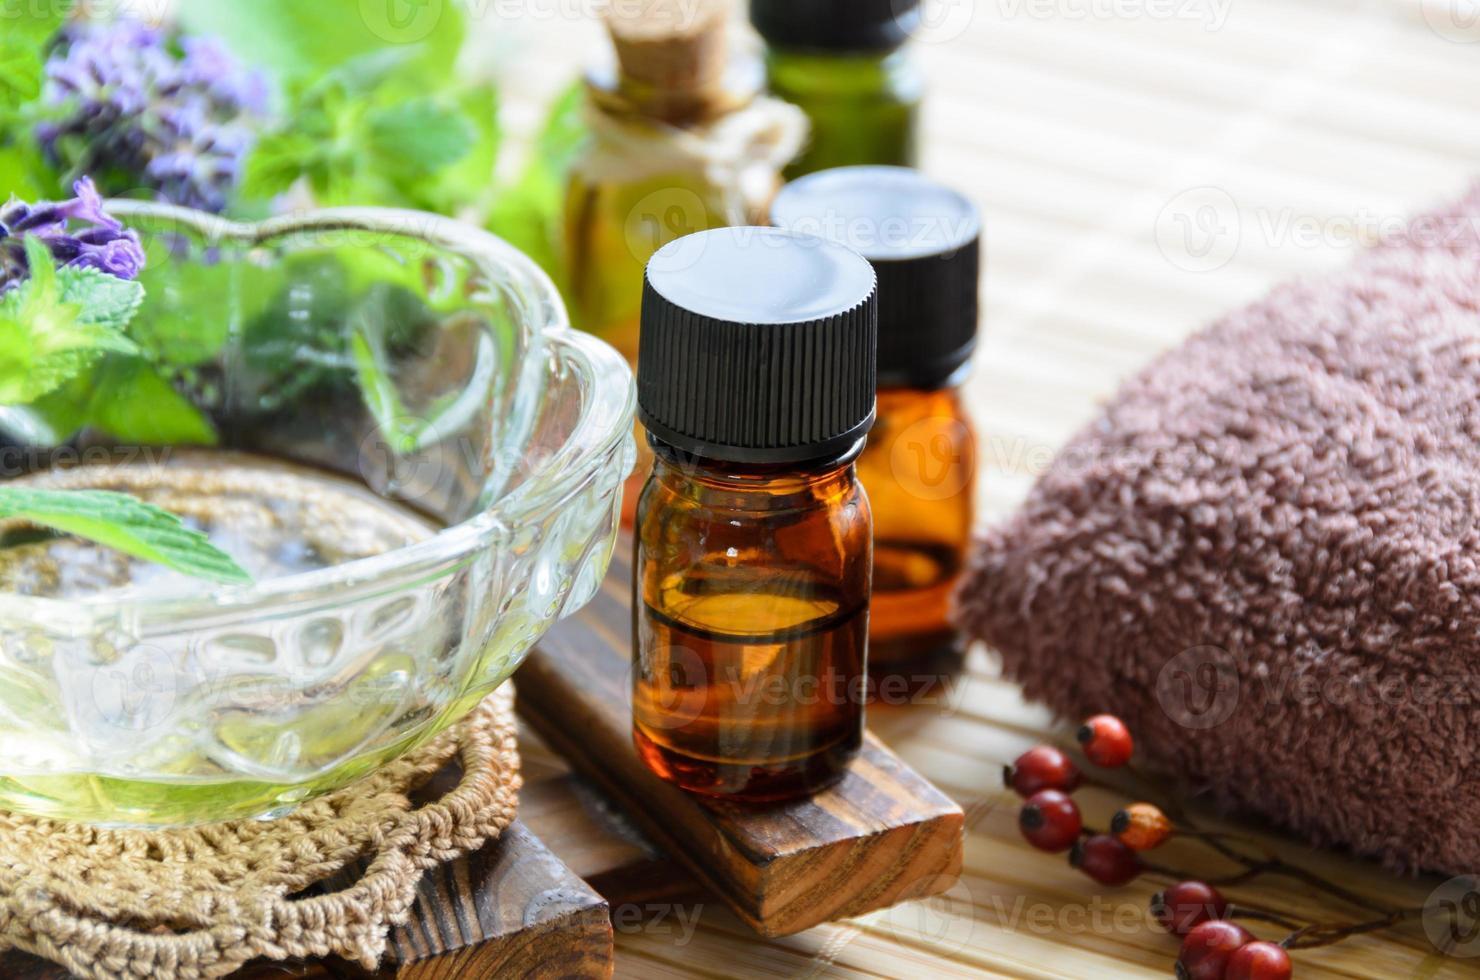 tratamento de aromaterapia com ervas foto